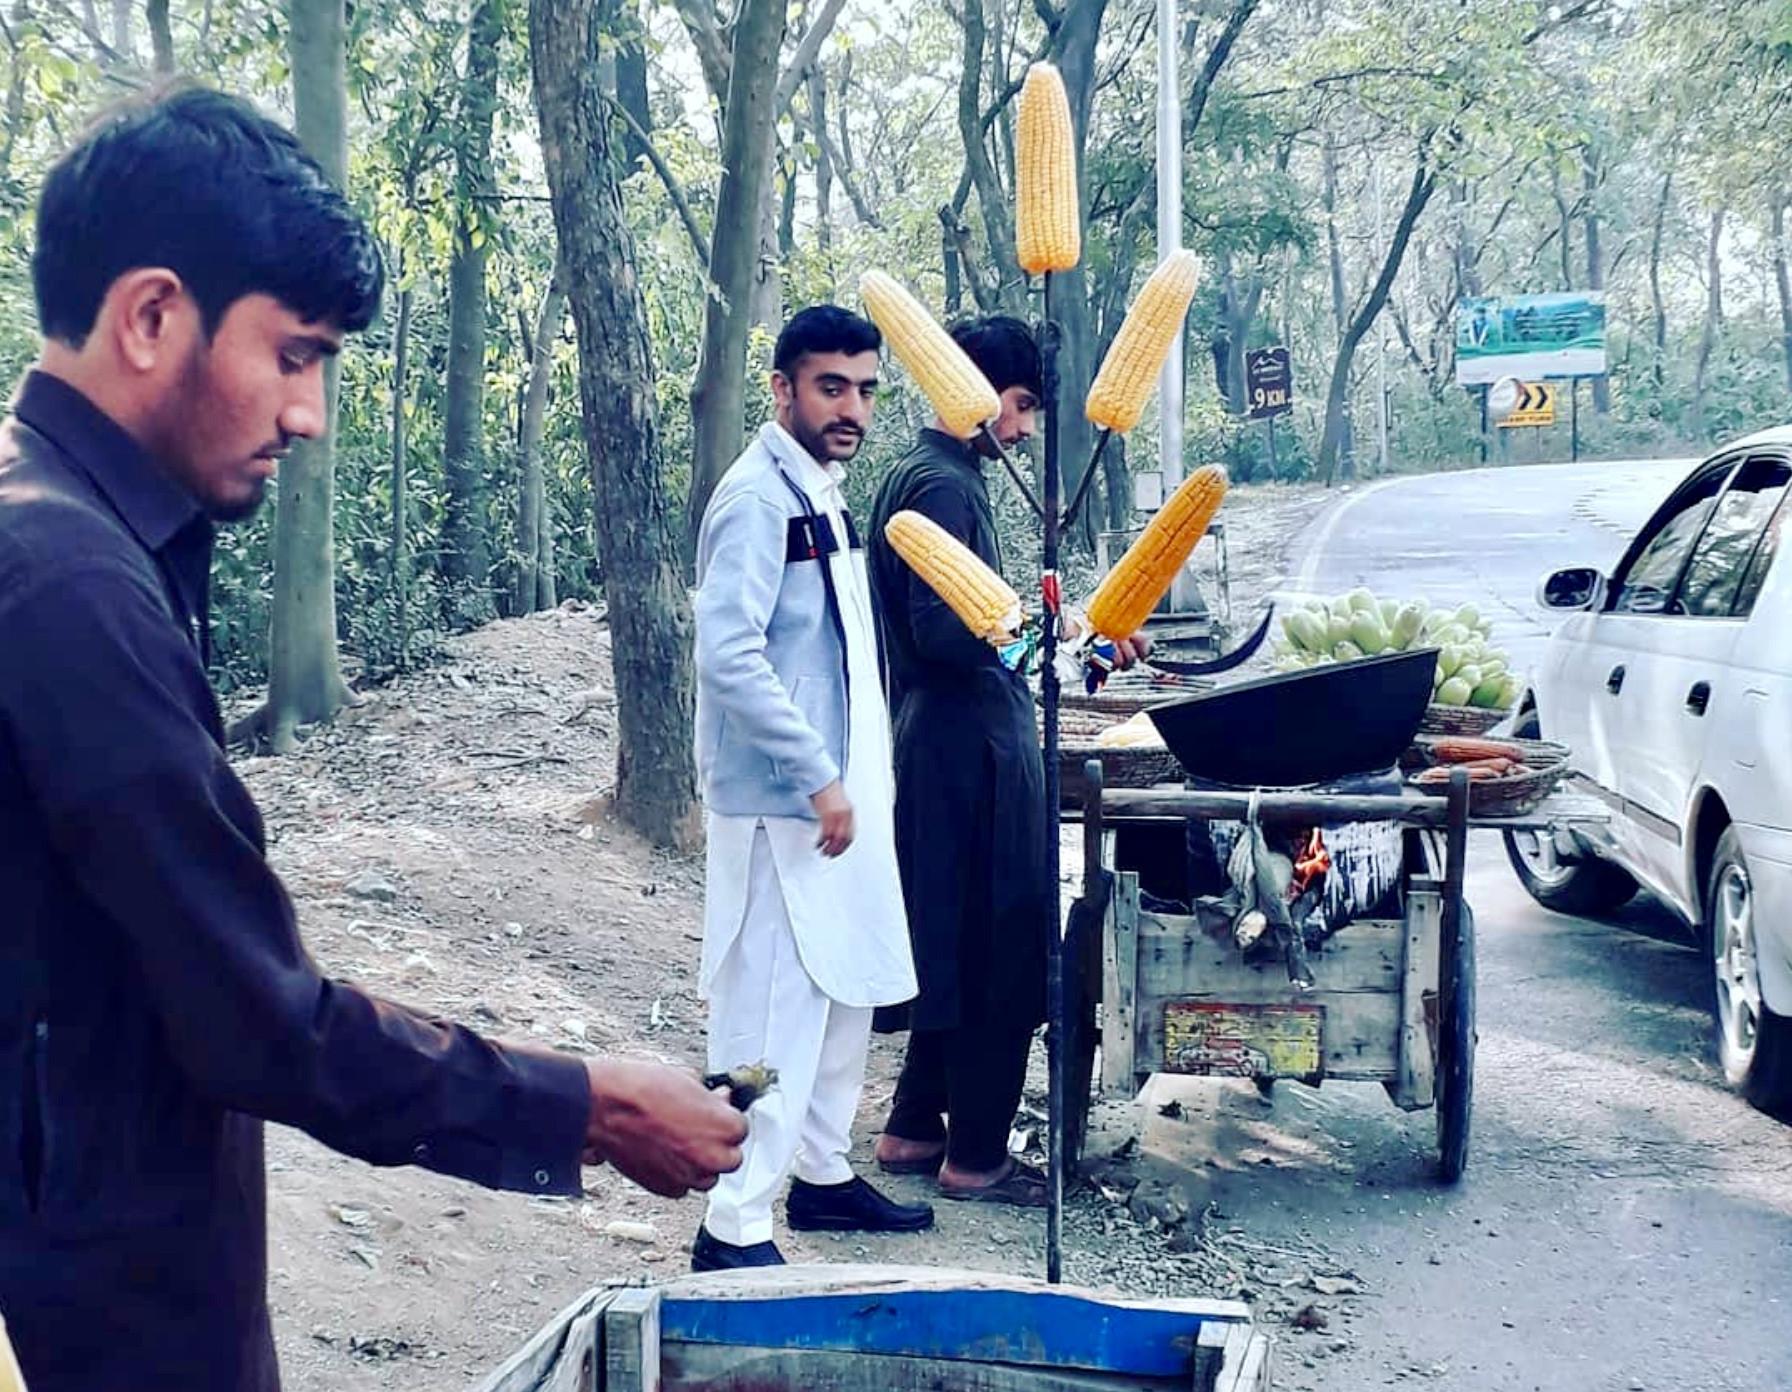 पाकिस्तानको मार्गला पहाड जाने बाटोमा मकै बेच्दै स्थानीय। तस्बिर: सञ्जीव पोखरेल